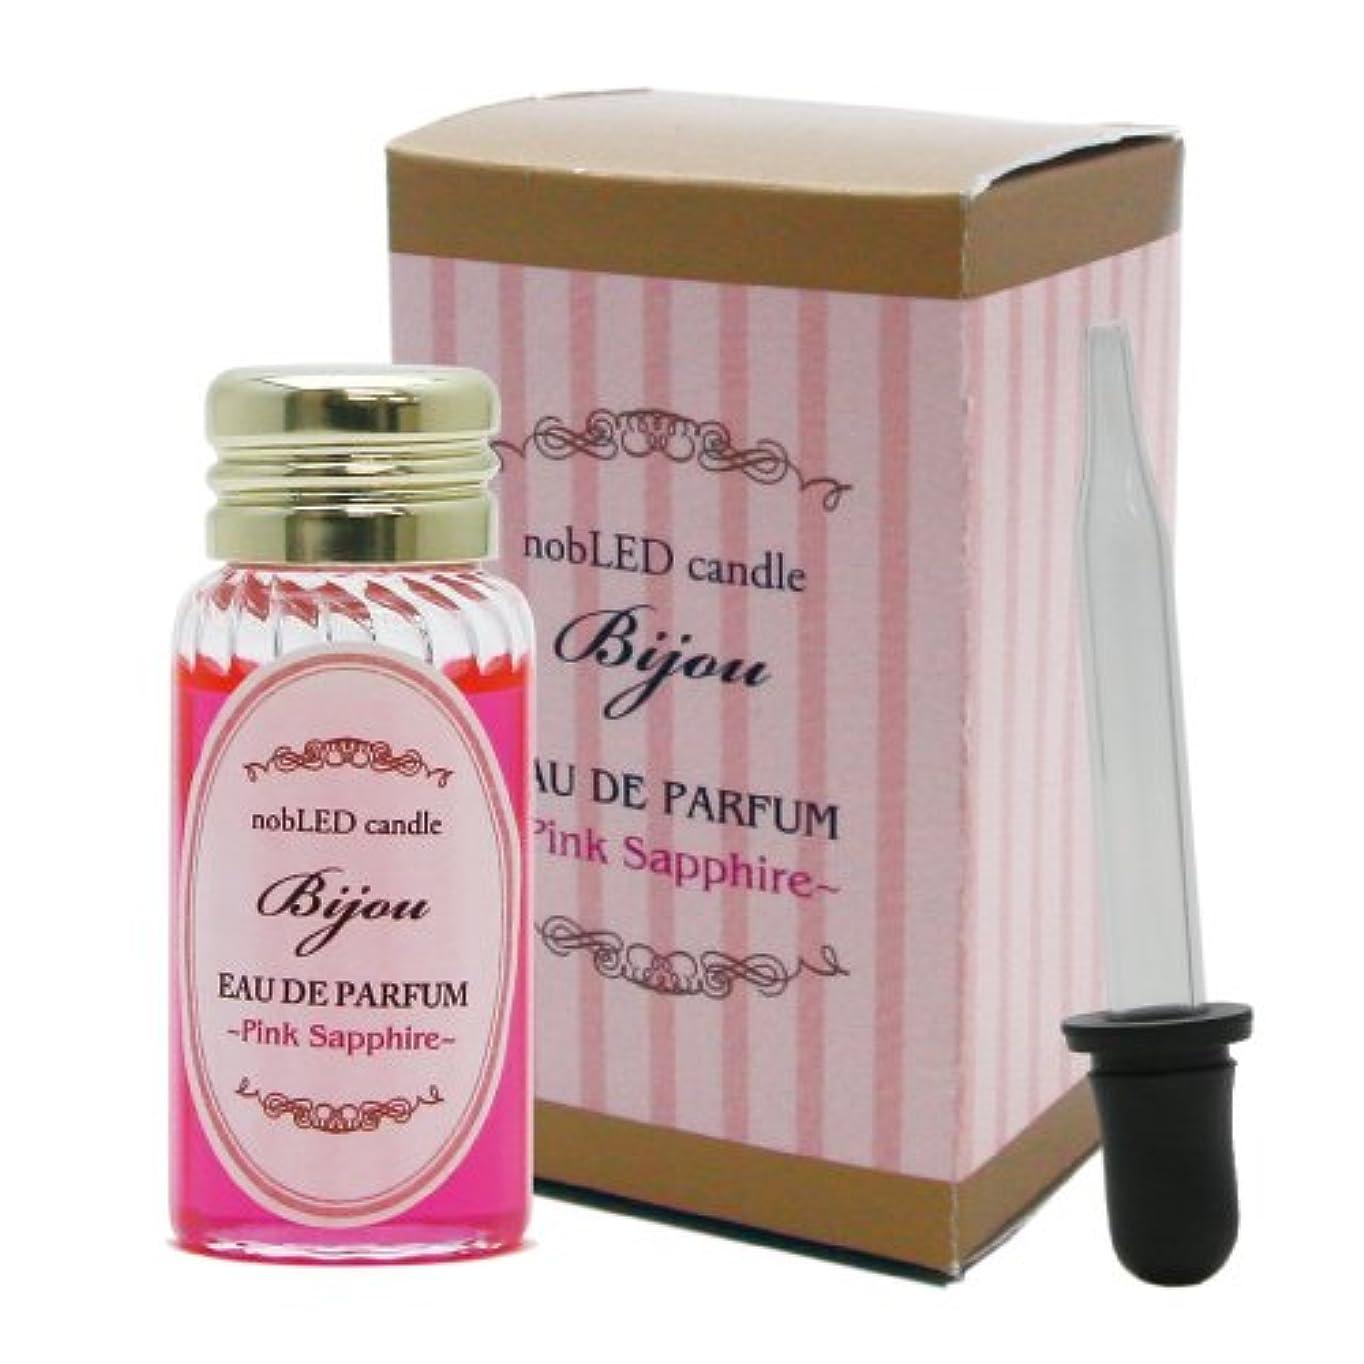 つかいます成果抑止するnobLED candle Bijou EAU DE PARFUM ブレンドオイル ピンクサファイア Pink Sapphire ノーブレッド キャンドル ビジュー オードパルファム